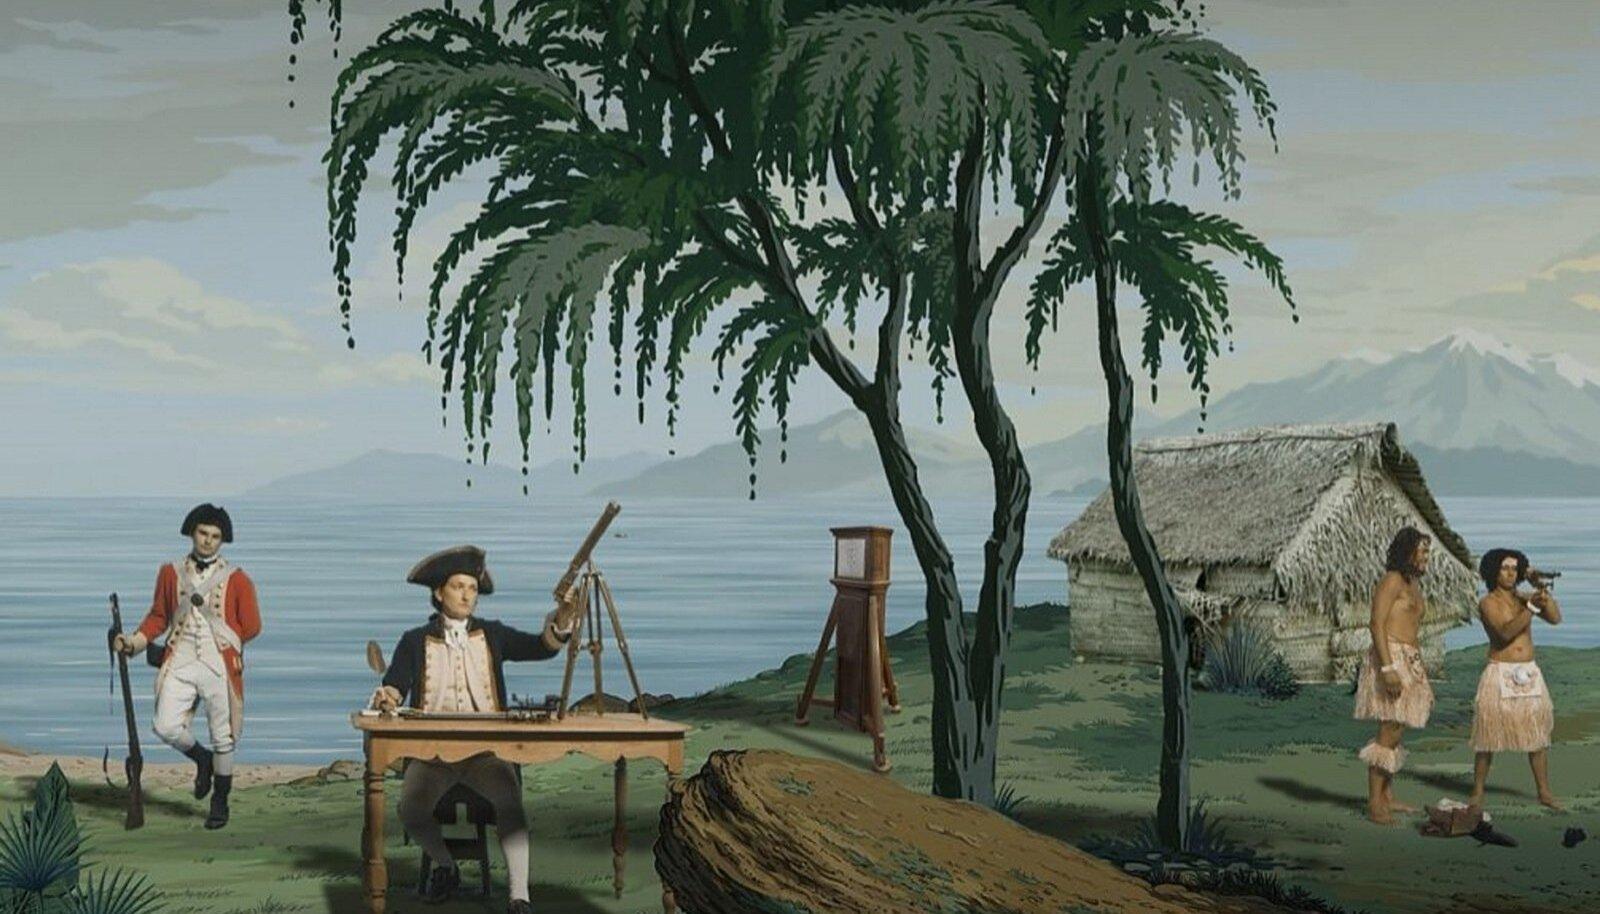 """MASTAAPNE TEOS: Taasesitades mänguliselt 19. sajandi alguses Prantsusmaal toodetud pilttapeeti, uurib ja nihestab Lisa Reihana hiiglaslik videopanoraam """"In Pursuit of Venus [infected]"""" kujutisi tsiviliseeritud eurooplaste ning barbaarsete ja eksootiliste Vaikse ookeani maade elanike kohtumistest."""